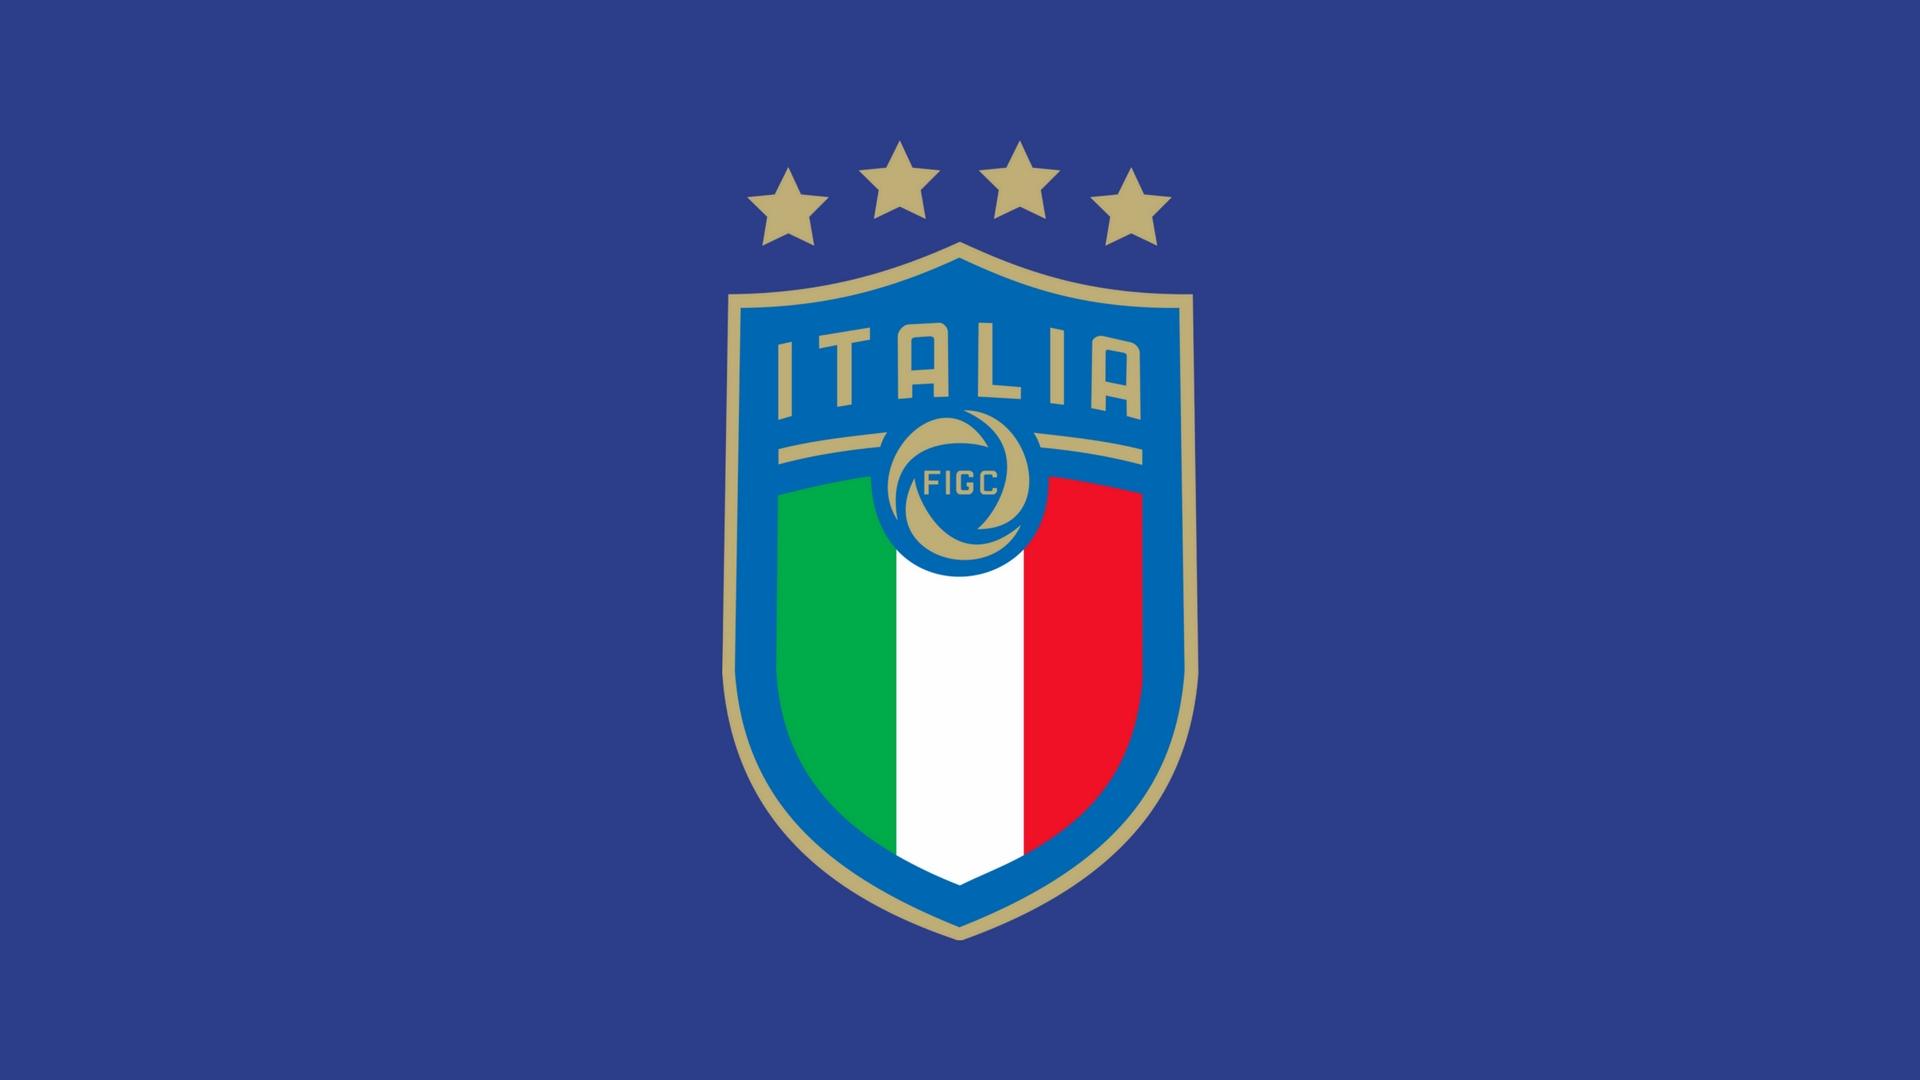 Nazionale - Italia